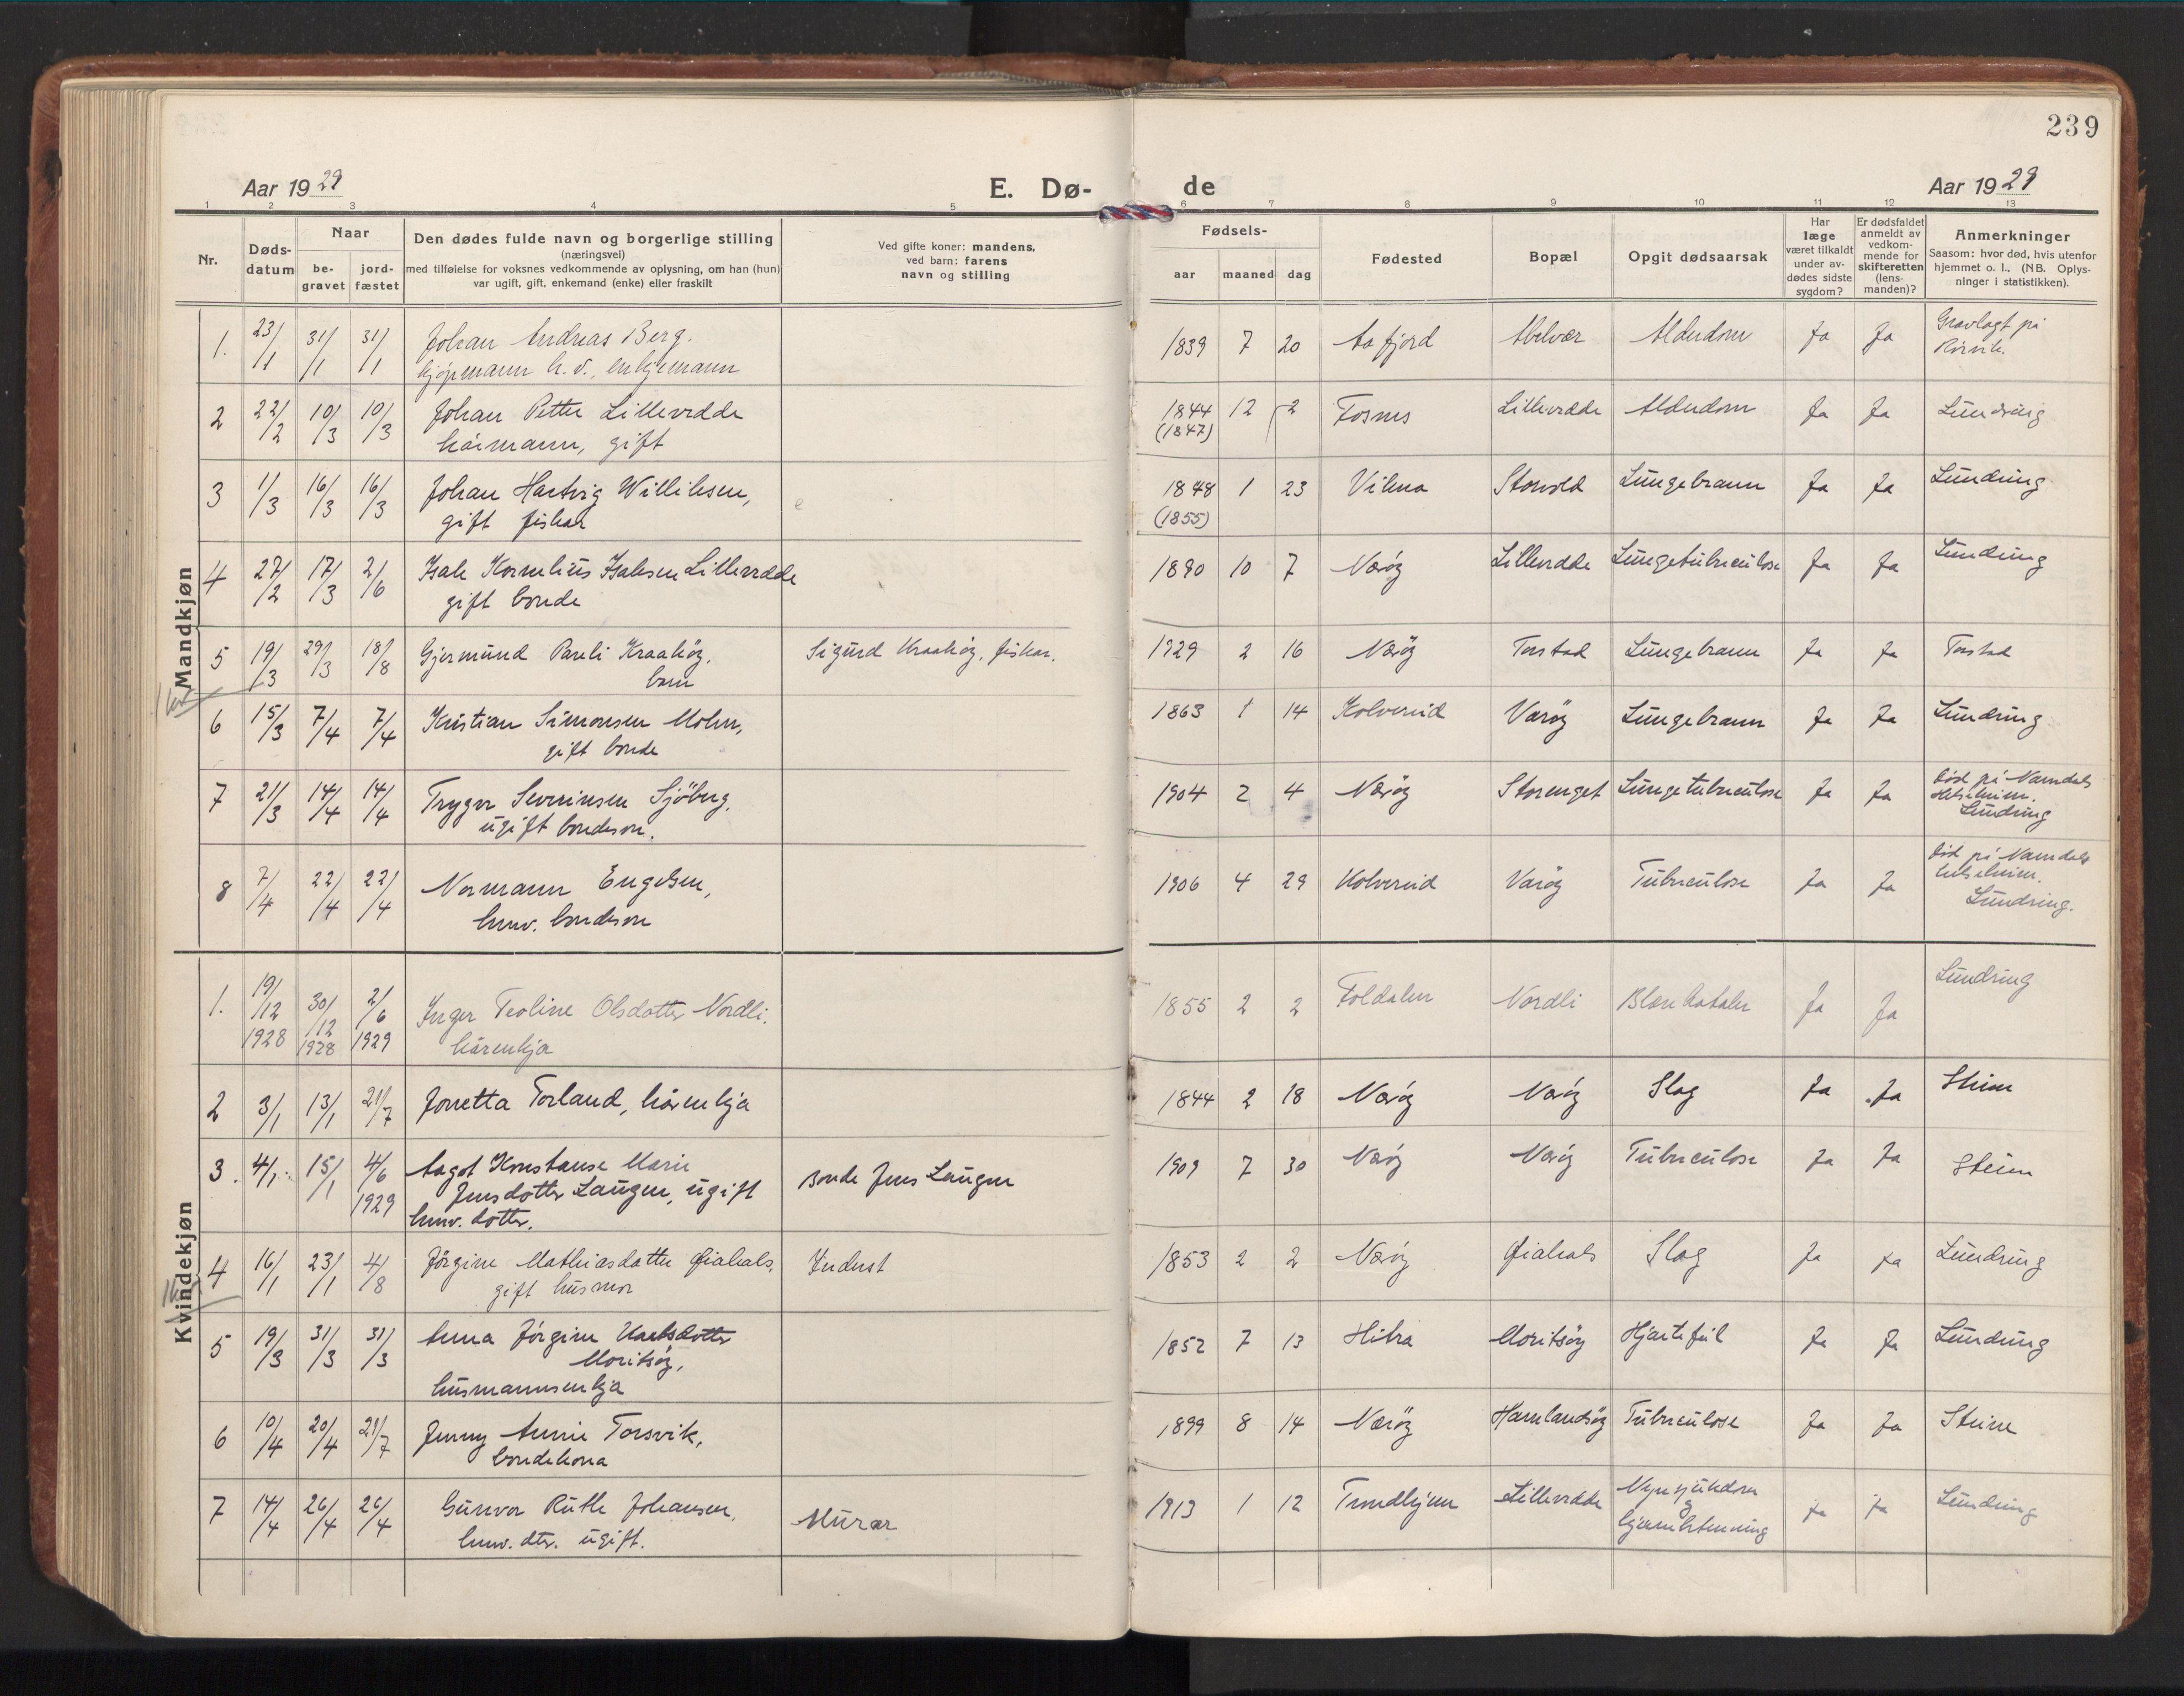 SAT, Ministerialprotokoller, klokkerbøker og fødselsregistre - Nord-Trøndelag, 784/L0678: Ministerialbok nr. 784A13, 1921-1938, s. 239